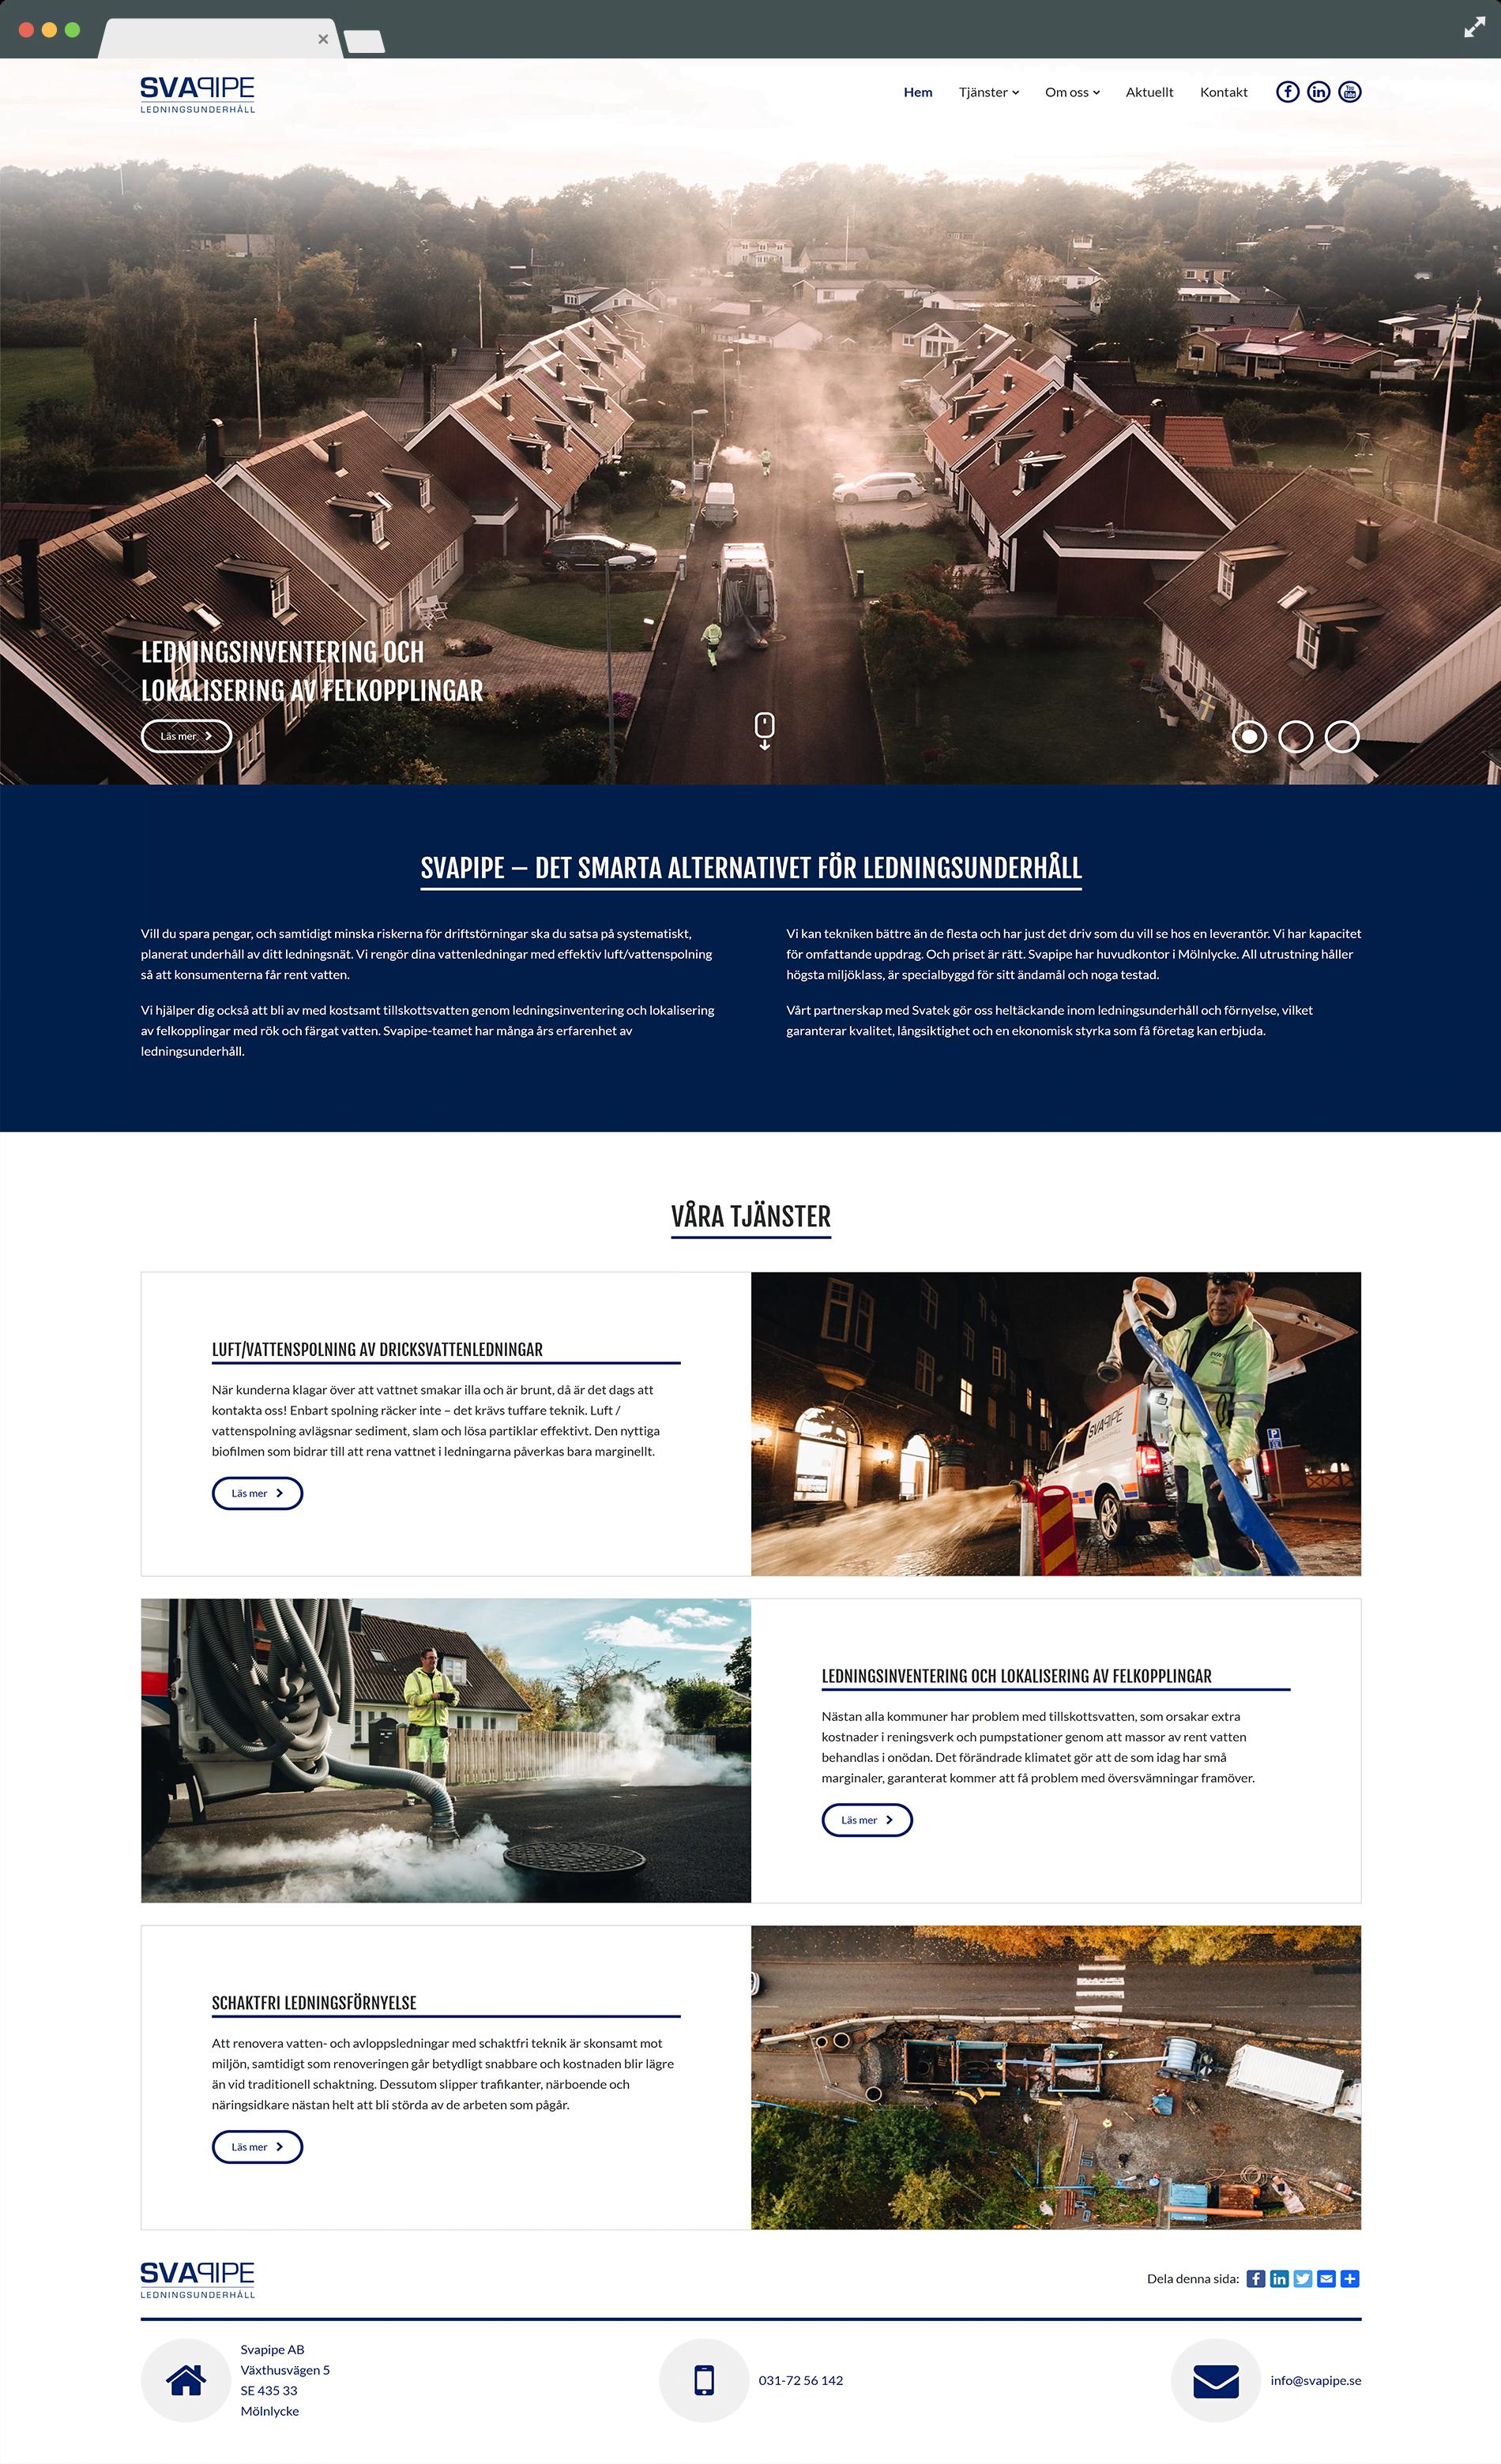 Responsiv hemsida i fullskärm åt Svapipe